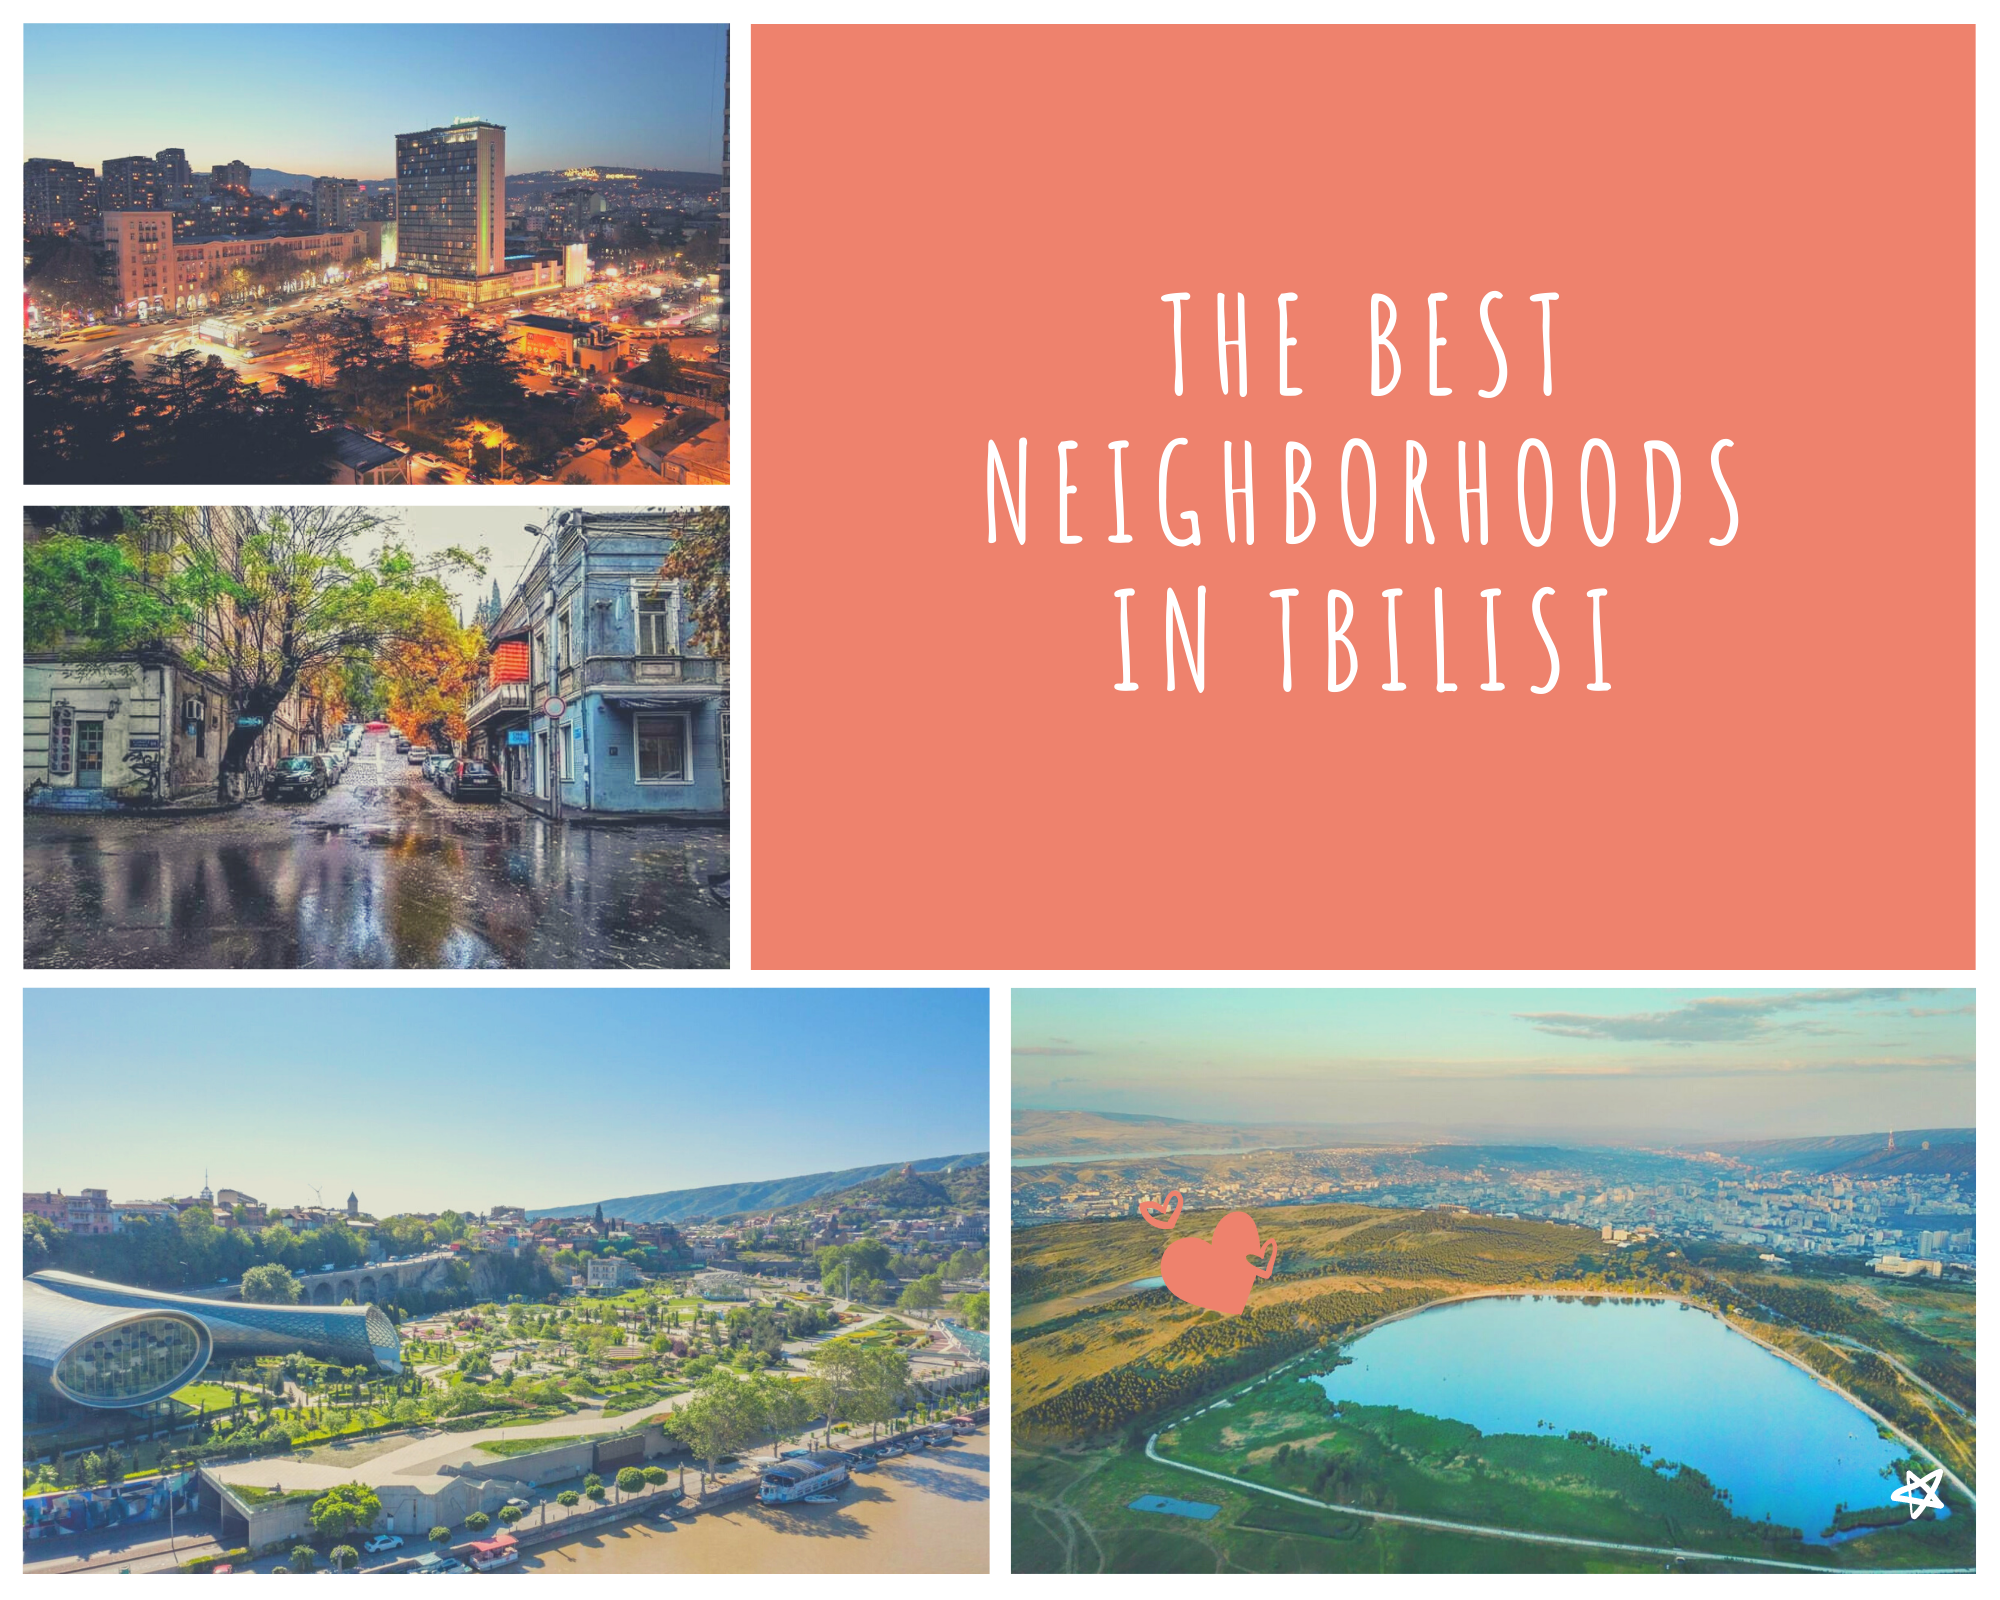 The 5 BEST Neighborhoods in Tbilisi